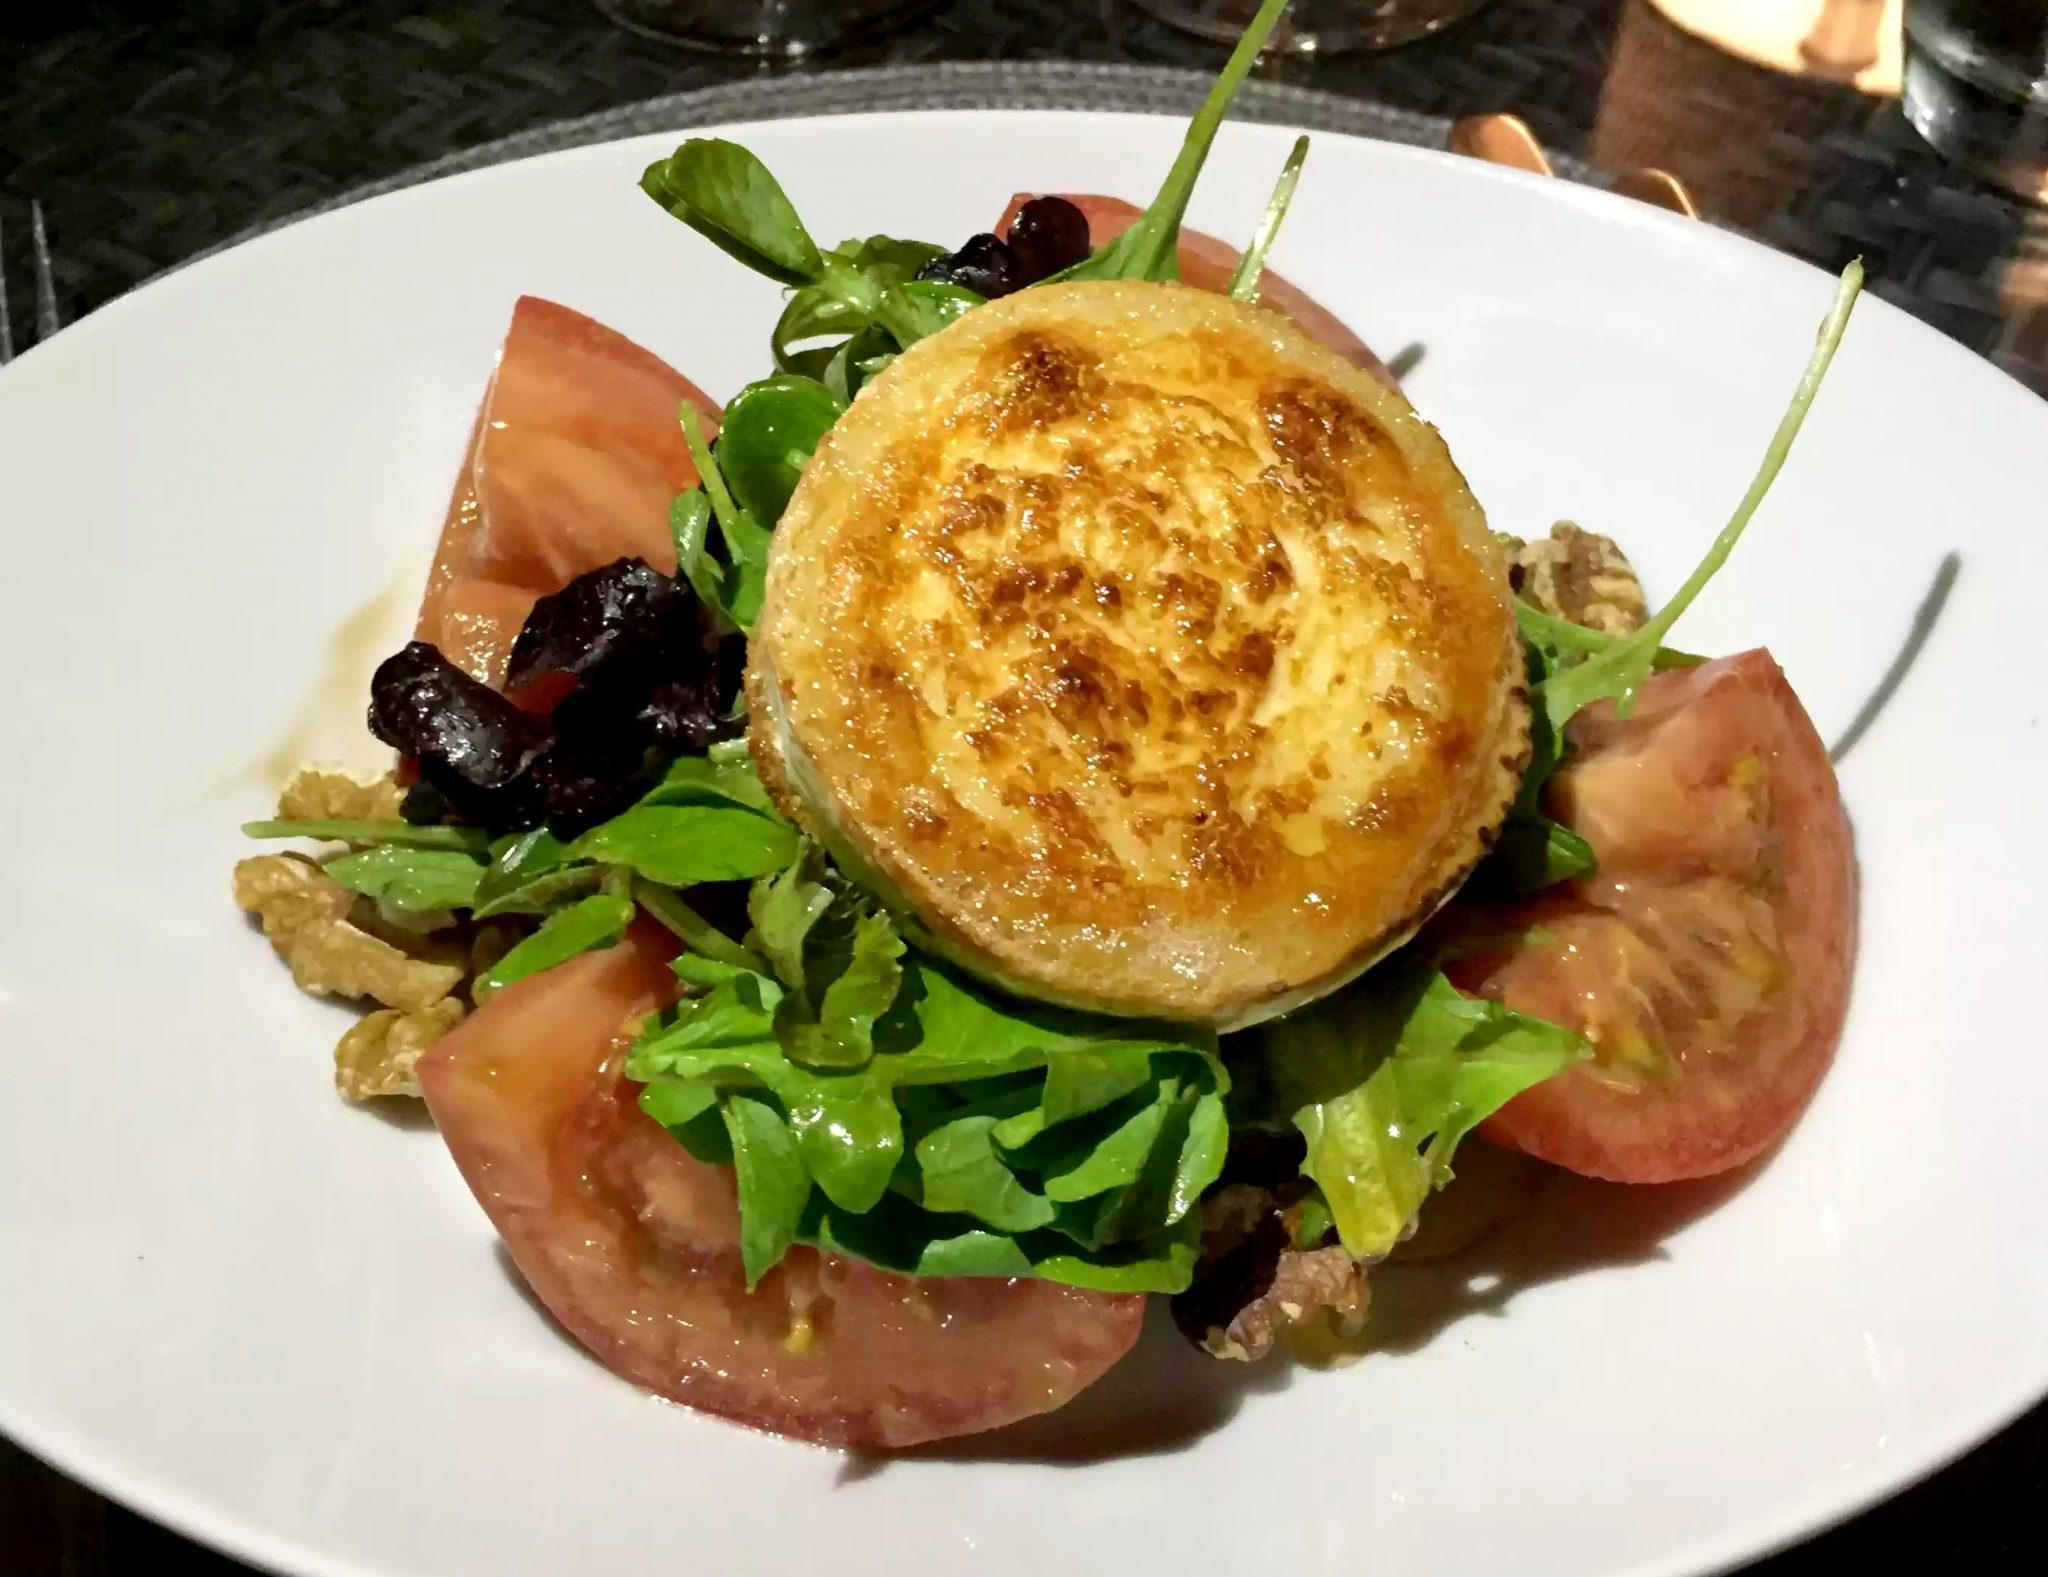 A Quinta Restaurant Almancil Algarve Portugal Goat cheese Salad